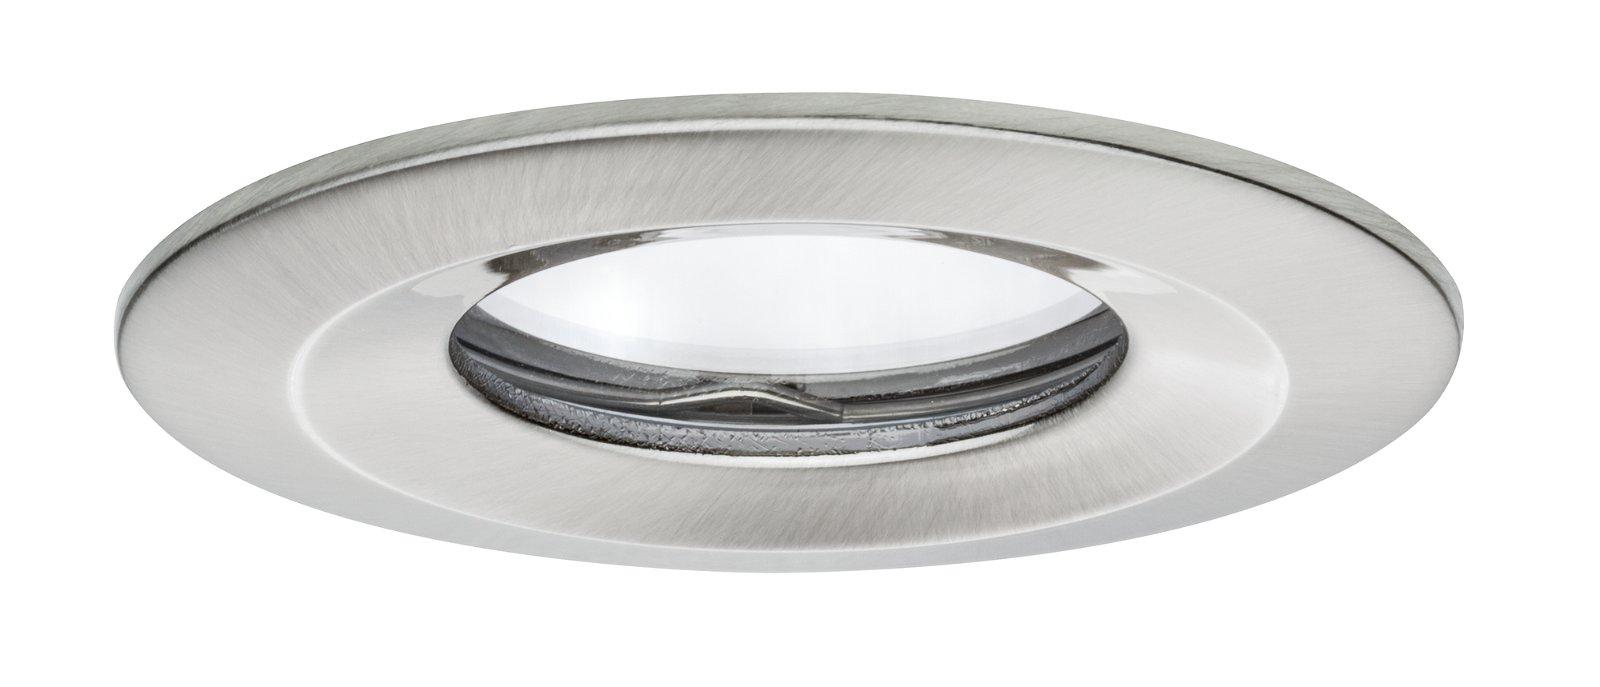 LED-inbouwlamp Nova Plus Coin star IP65 rond 78mm Coin 6,8W 425lm 230V 2700K Staal geborsteld